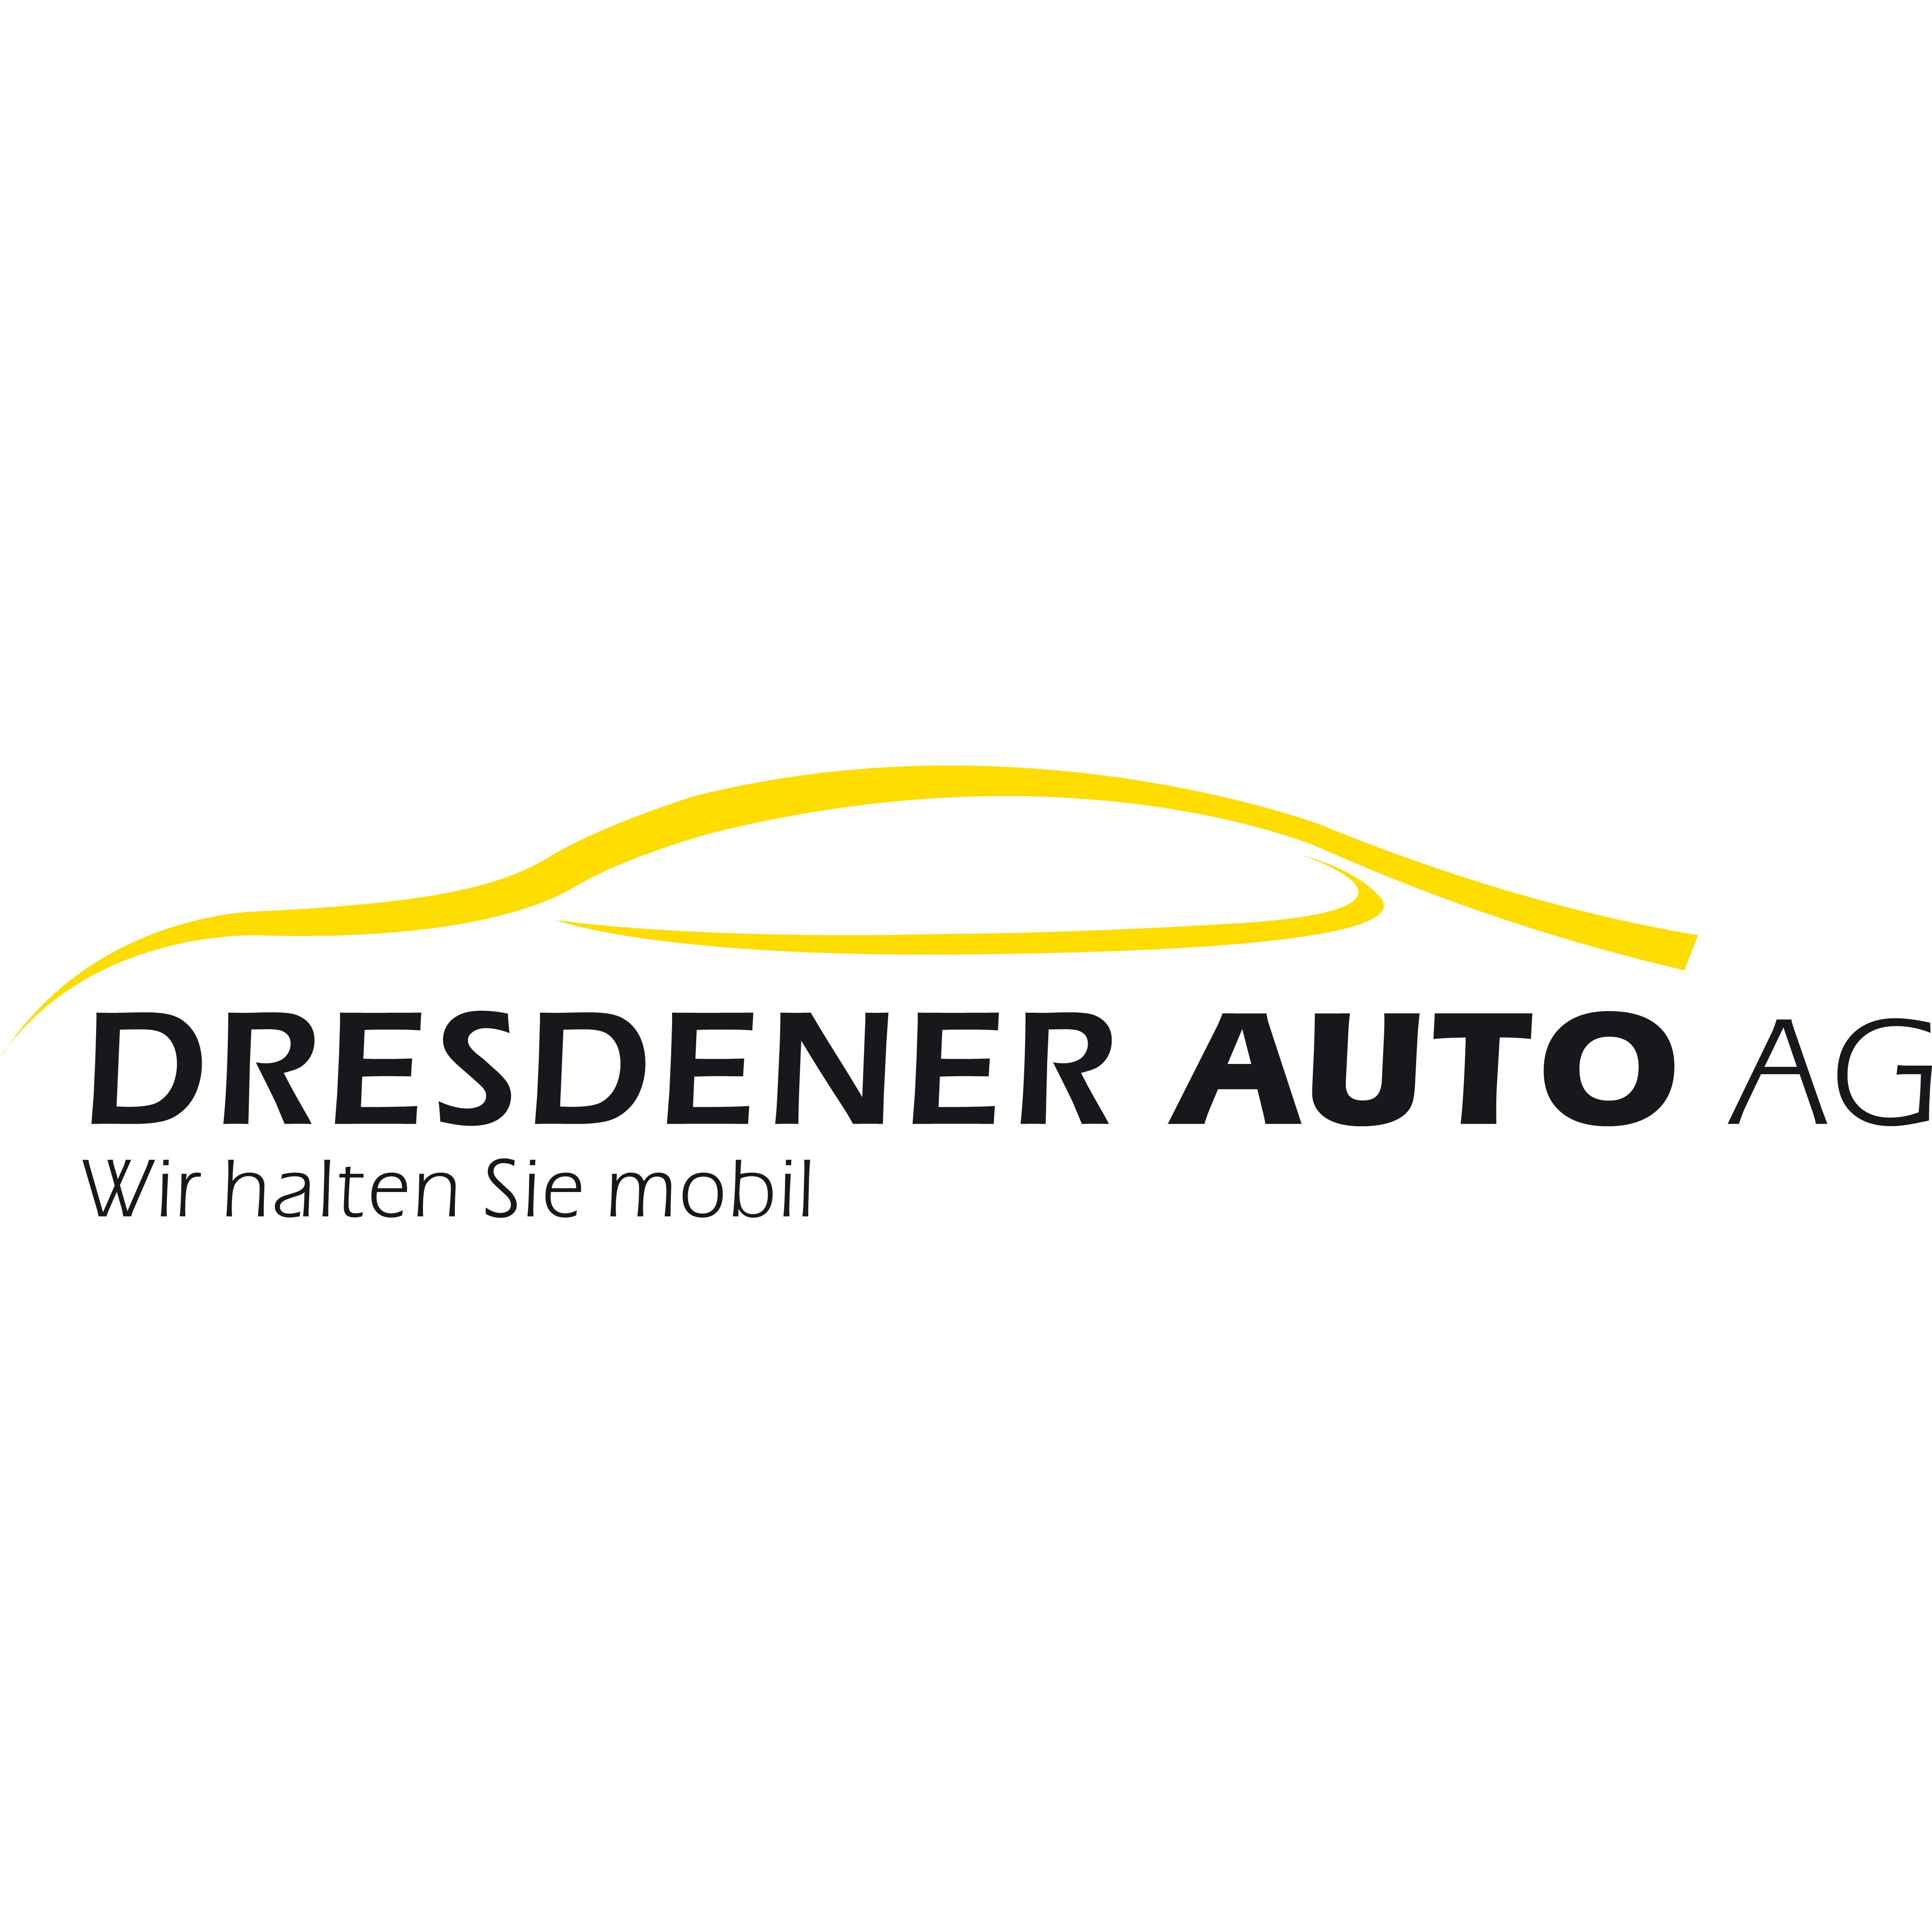 Bild zu Dresdener Auto AG in Dresden